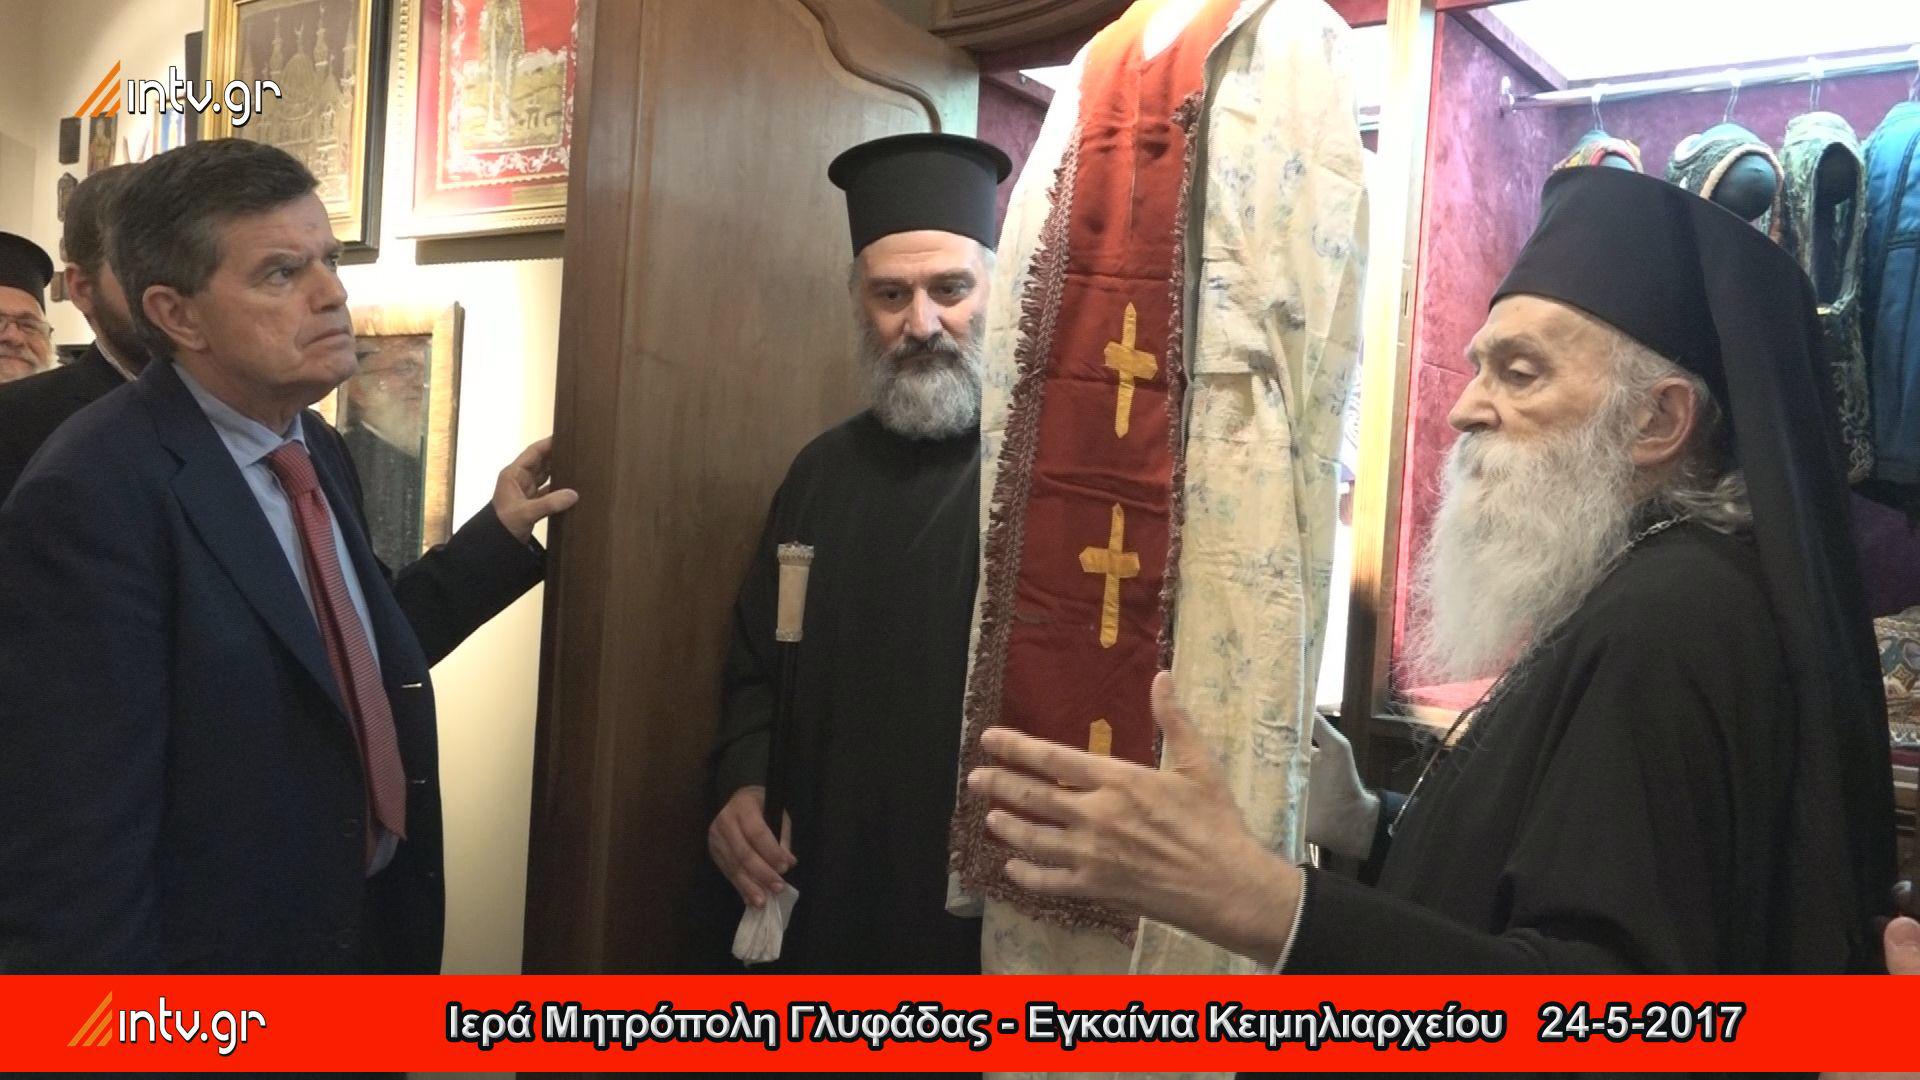 Ιερά Μητρόπολη Γλυφάδας - Εγκαίνια Κειμηλιαρχείου